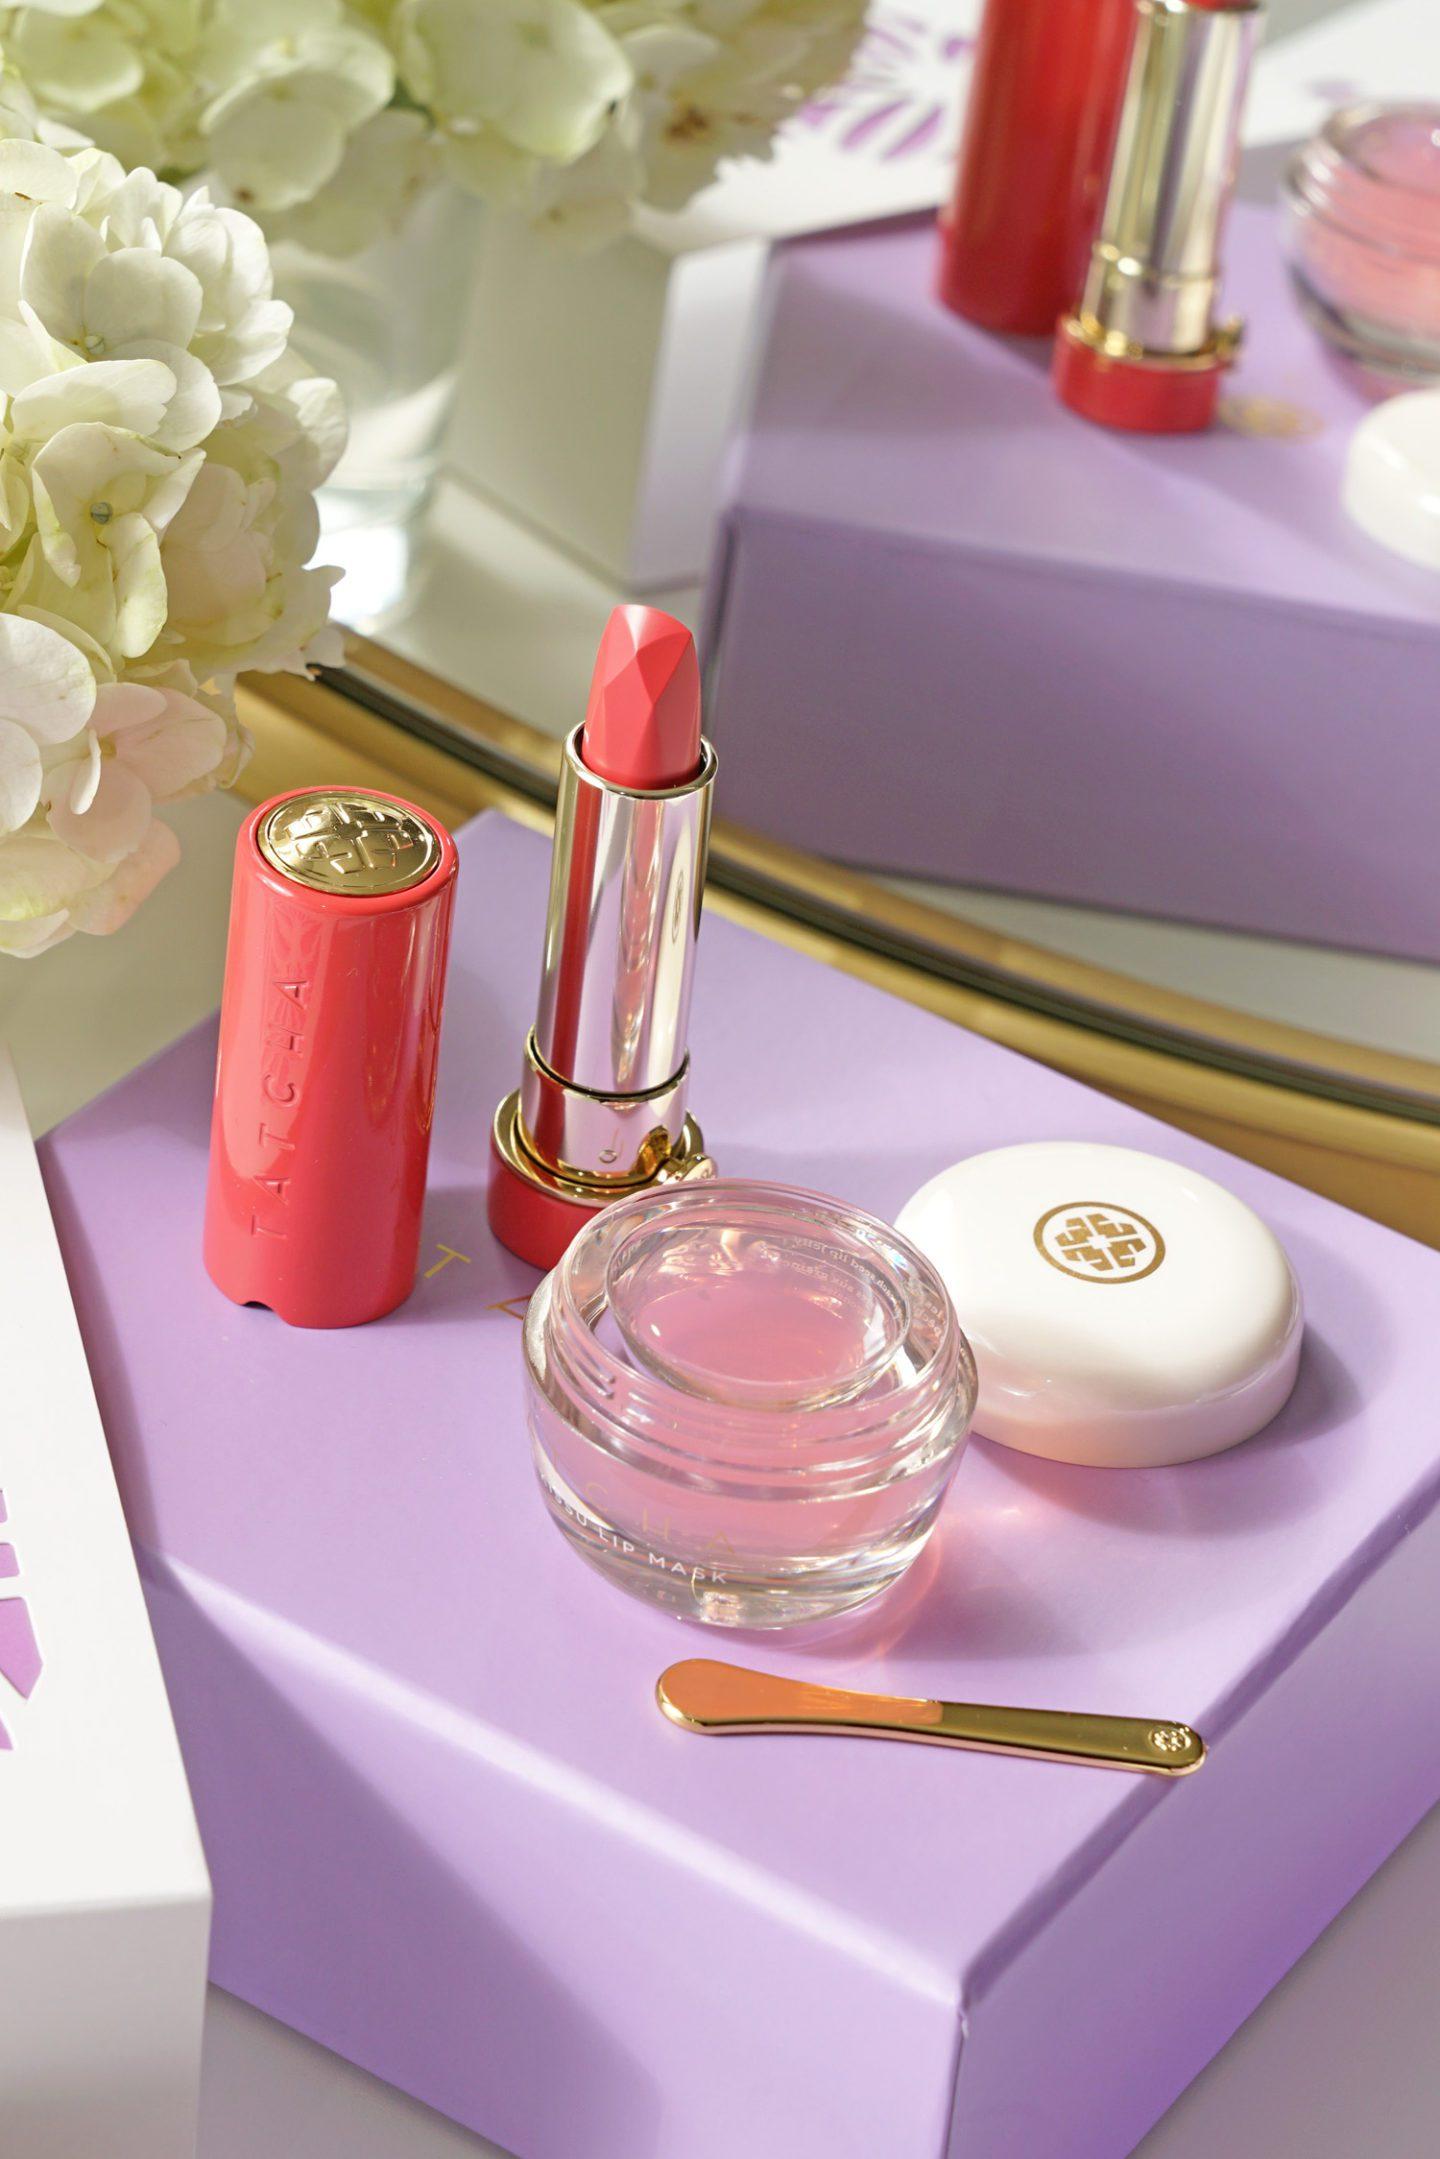 Tatcha Blushing Lips Duo, Peony Silk Blossom and Kissu Lip Mask